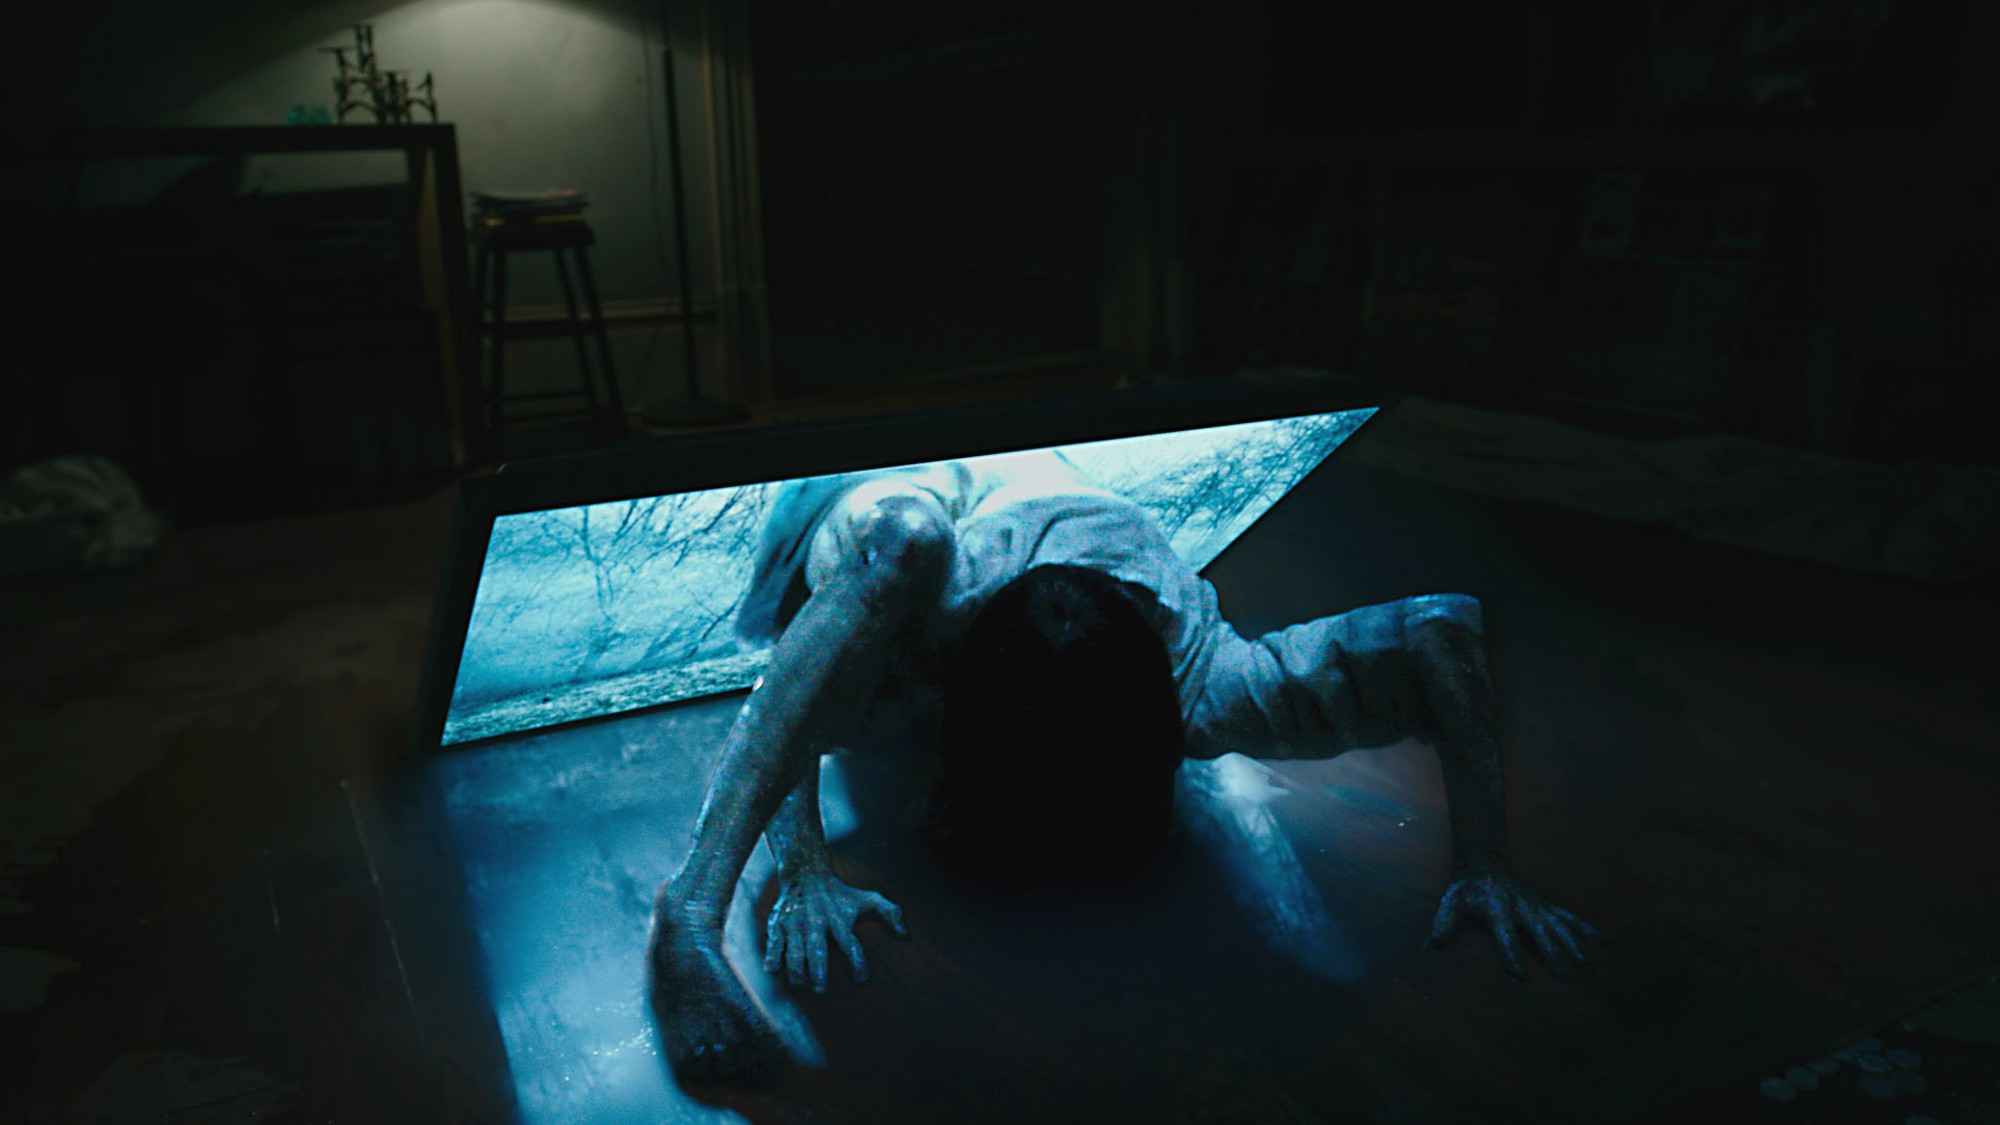 Thủ ngay bí kíp thoát chết trong phim kinh dị qua 7 hành động thiếu muối của các nhân vật chính - Ảnh 3.